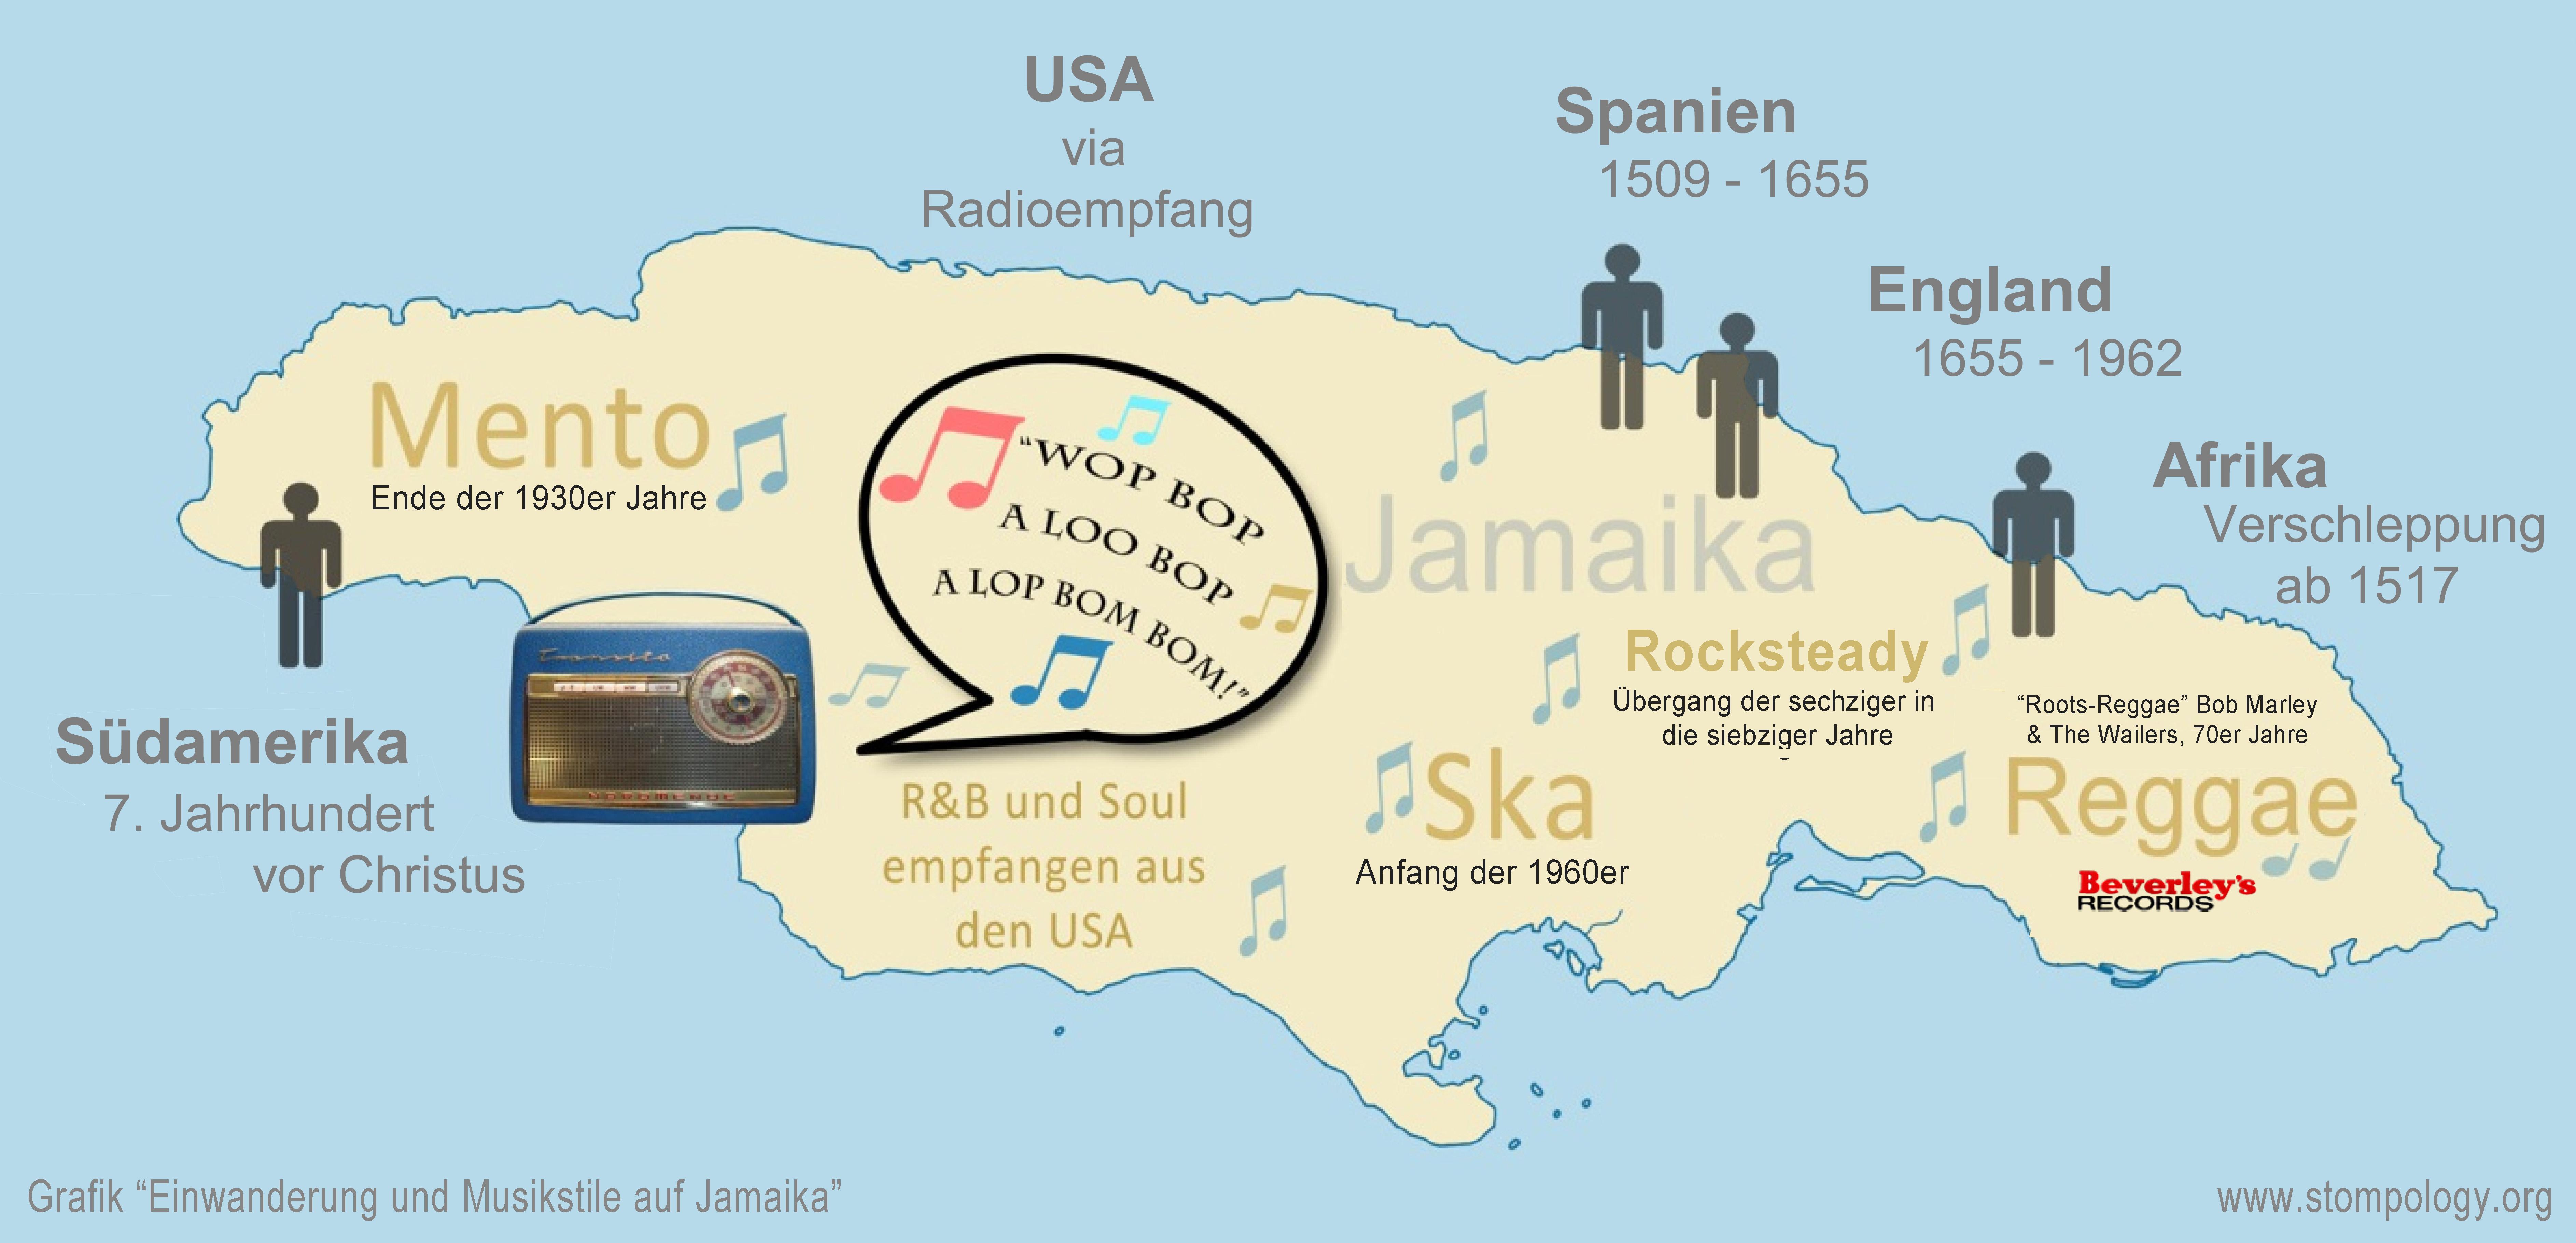 ska-reaggae-jamaika-karte-6-6-21.png